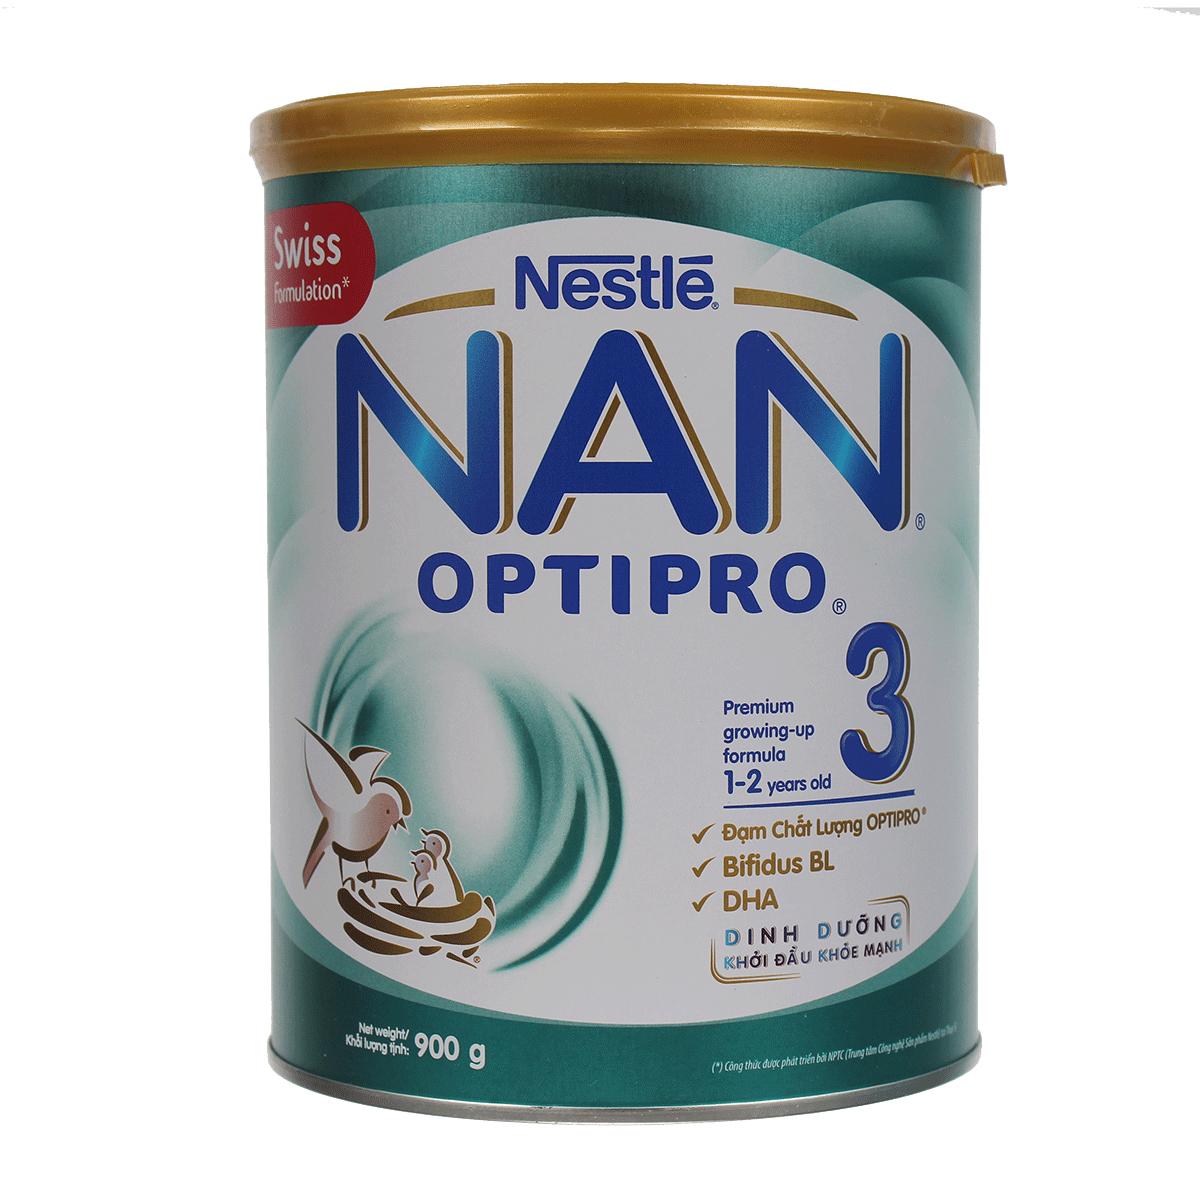 Sữa Nestle NAN Optipro số 3 hộp 900g nguồn dưỡng chất cho bé